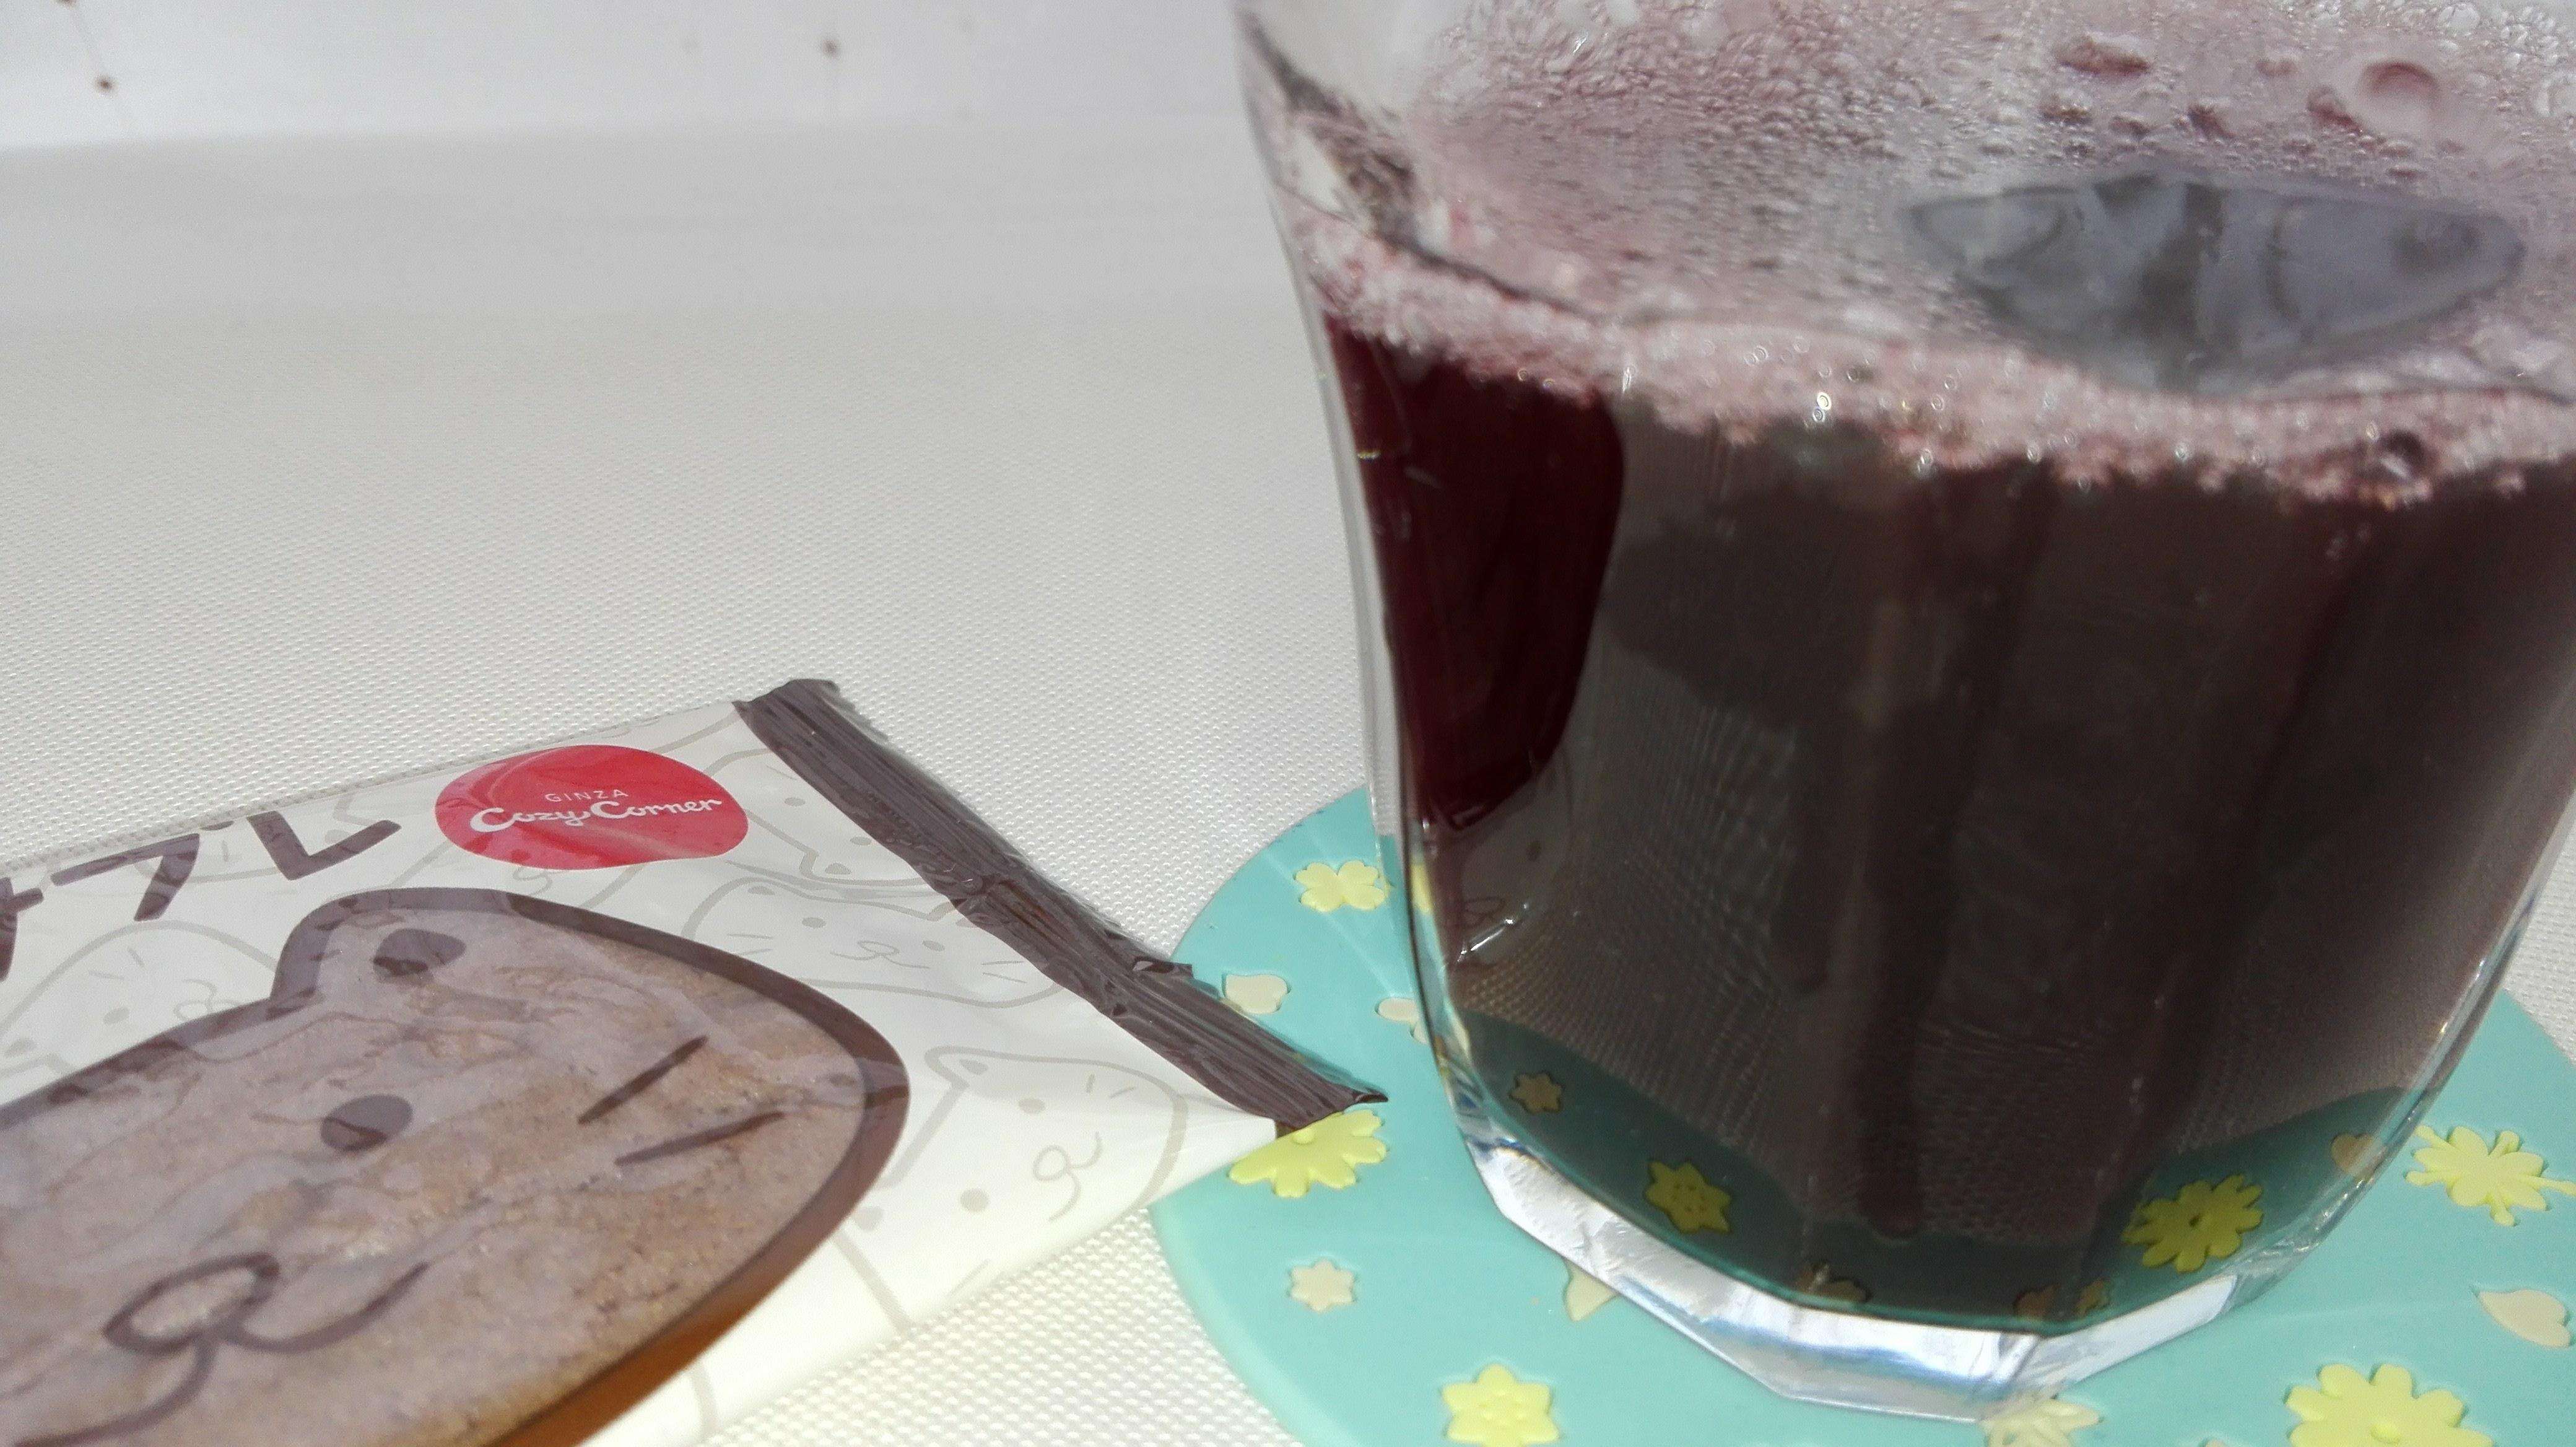 普通の「飲む酢」とは全く別品!オークスハートの「デザートビネガー」♪